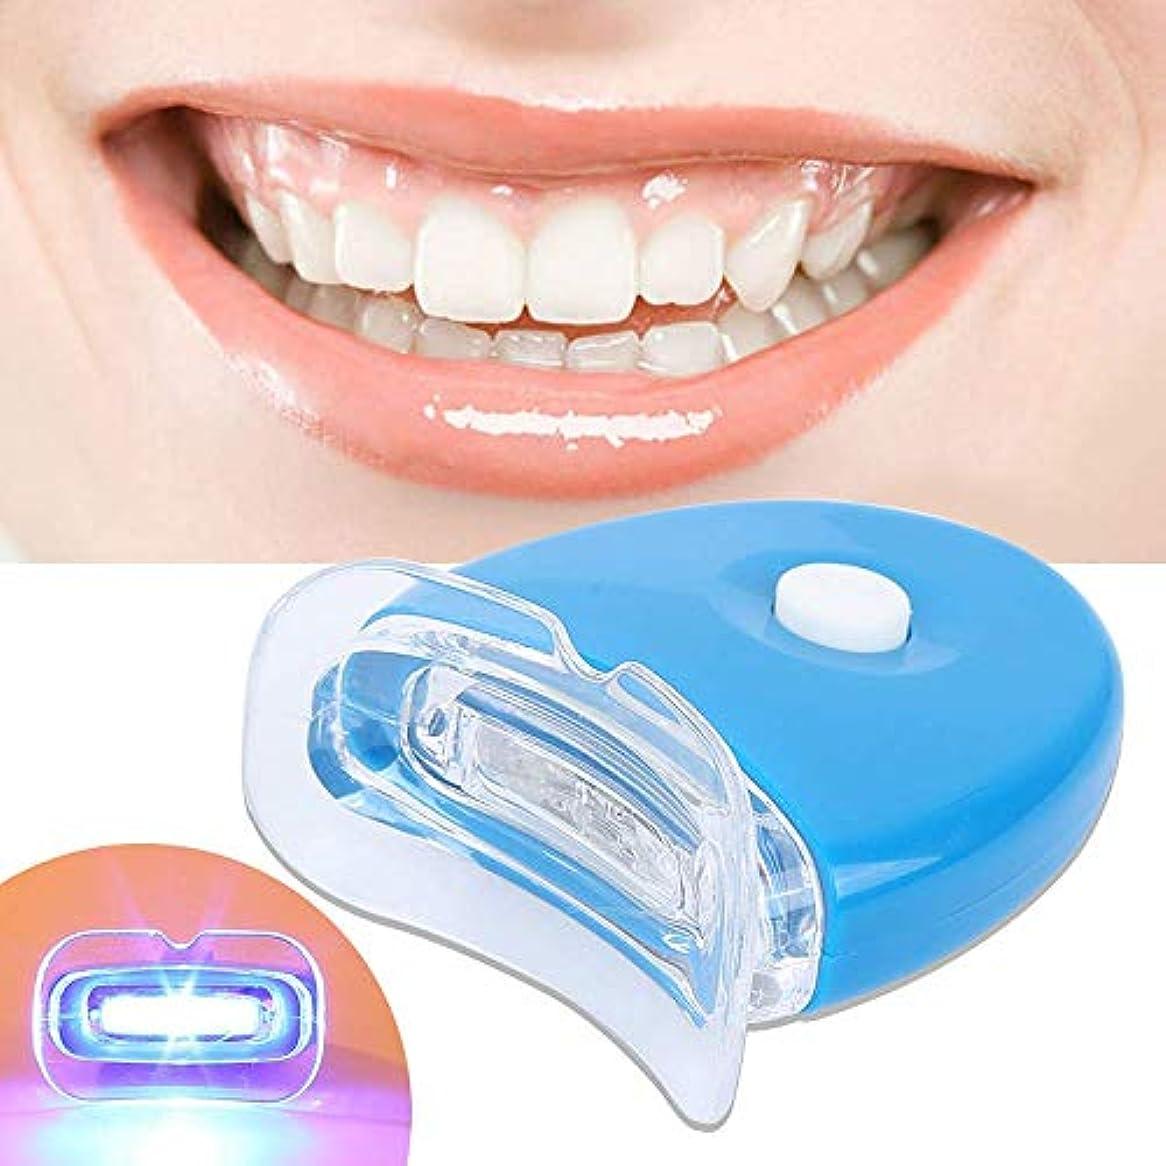 不健全父方の他の場所オフィスの家の十代の若者たちのための歯のホワイトナーの心配の健康な歯科白くなるLEDライトを白くする歯